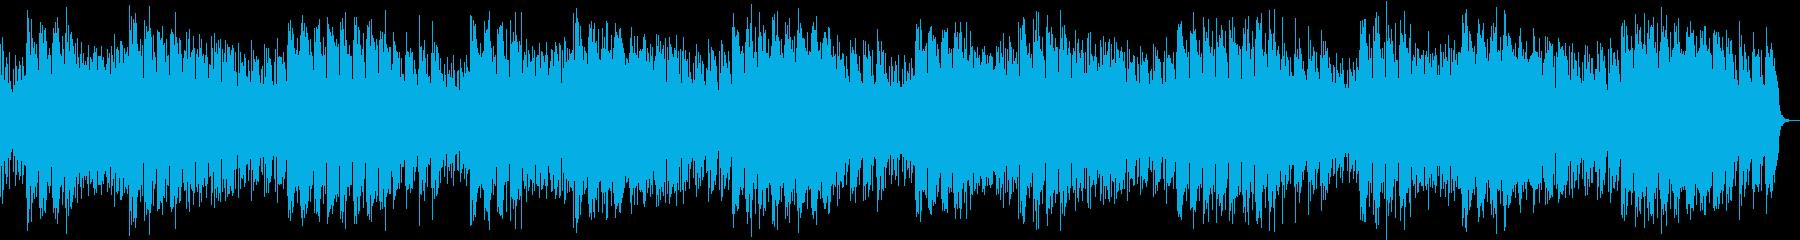 暖かい雰囲気のチルアウトの再生済みの波形